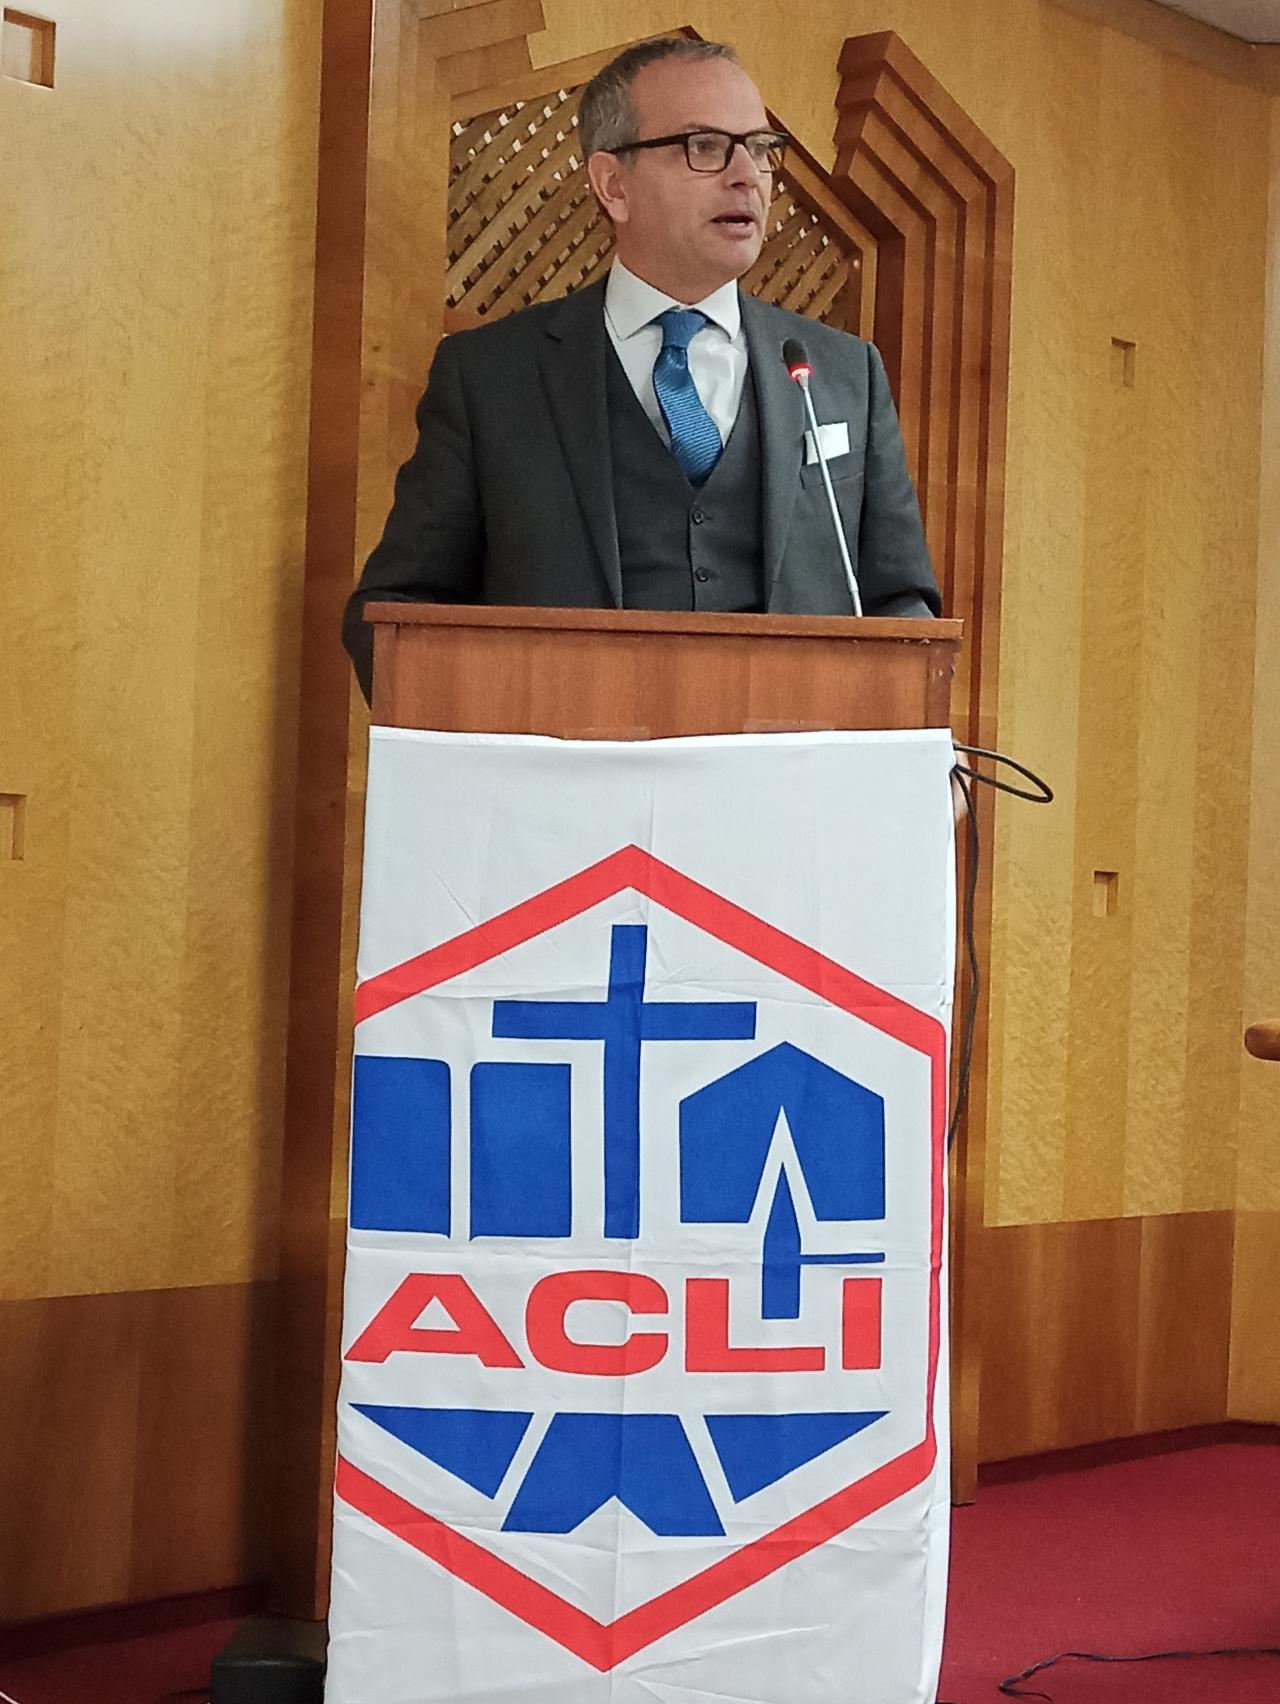 XVII° Congresso Acli Latina: Vincenzo Bassi (Federazione delle Associazioni Familiari Cattoliche inEuropa)